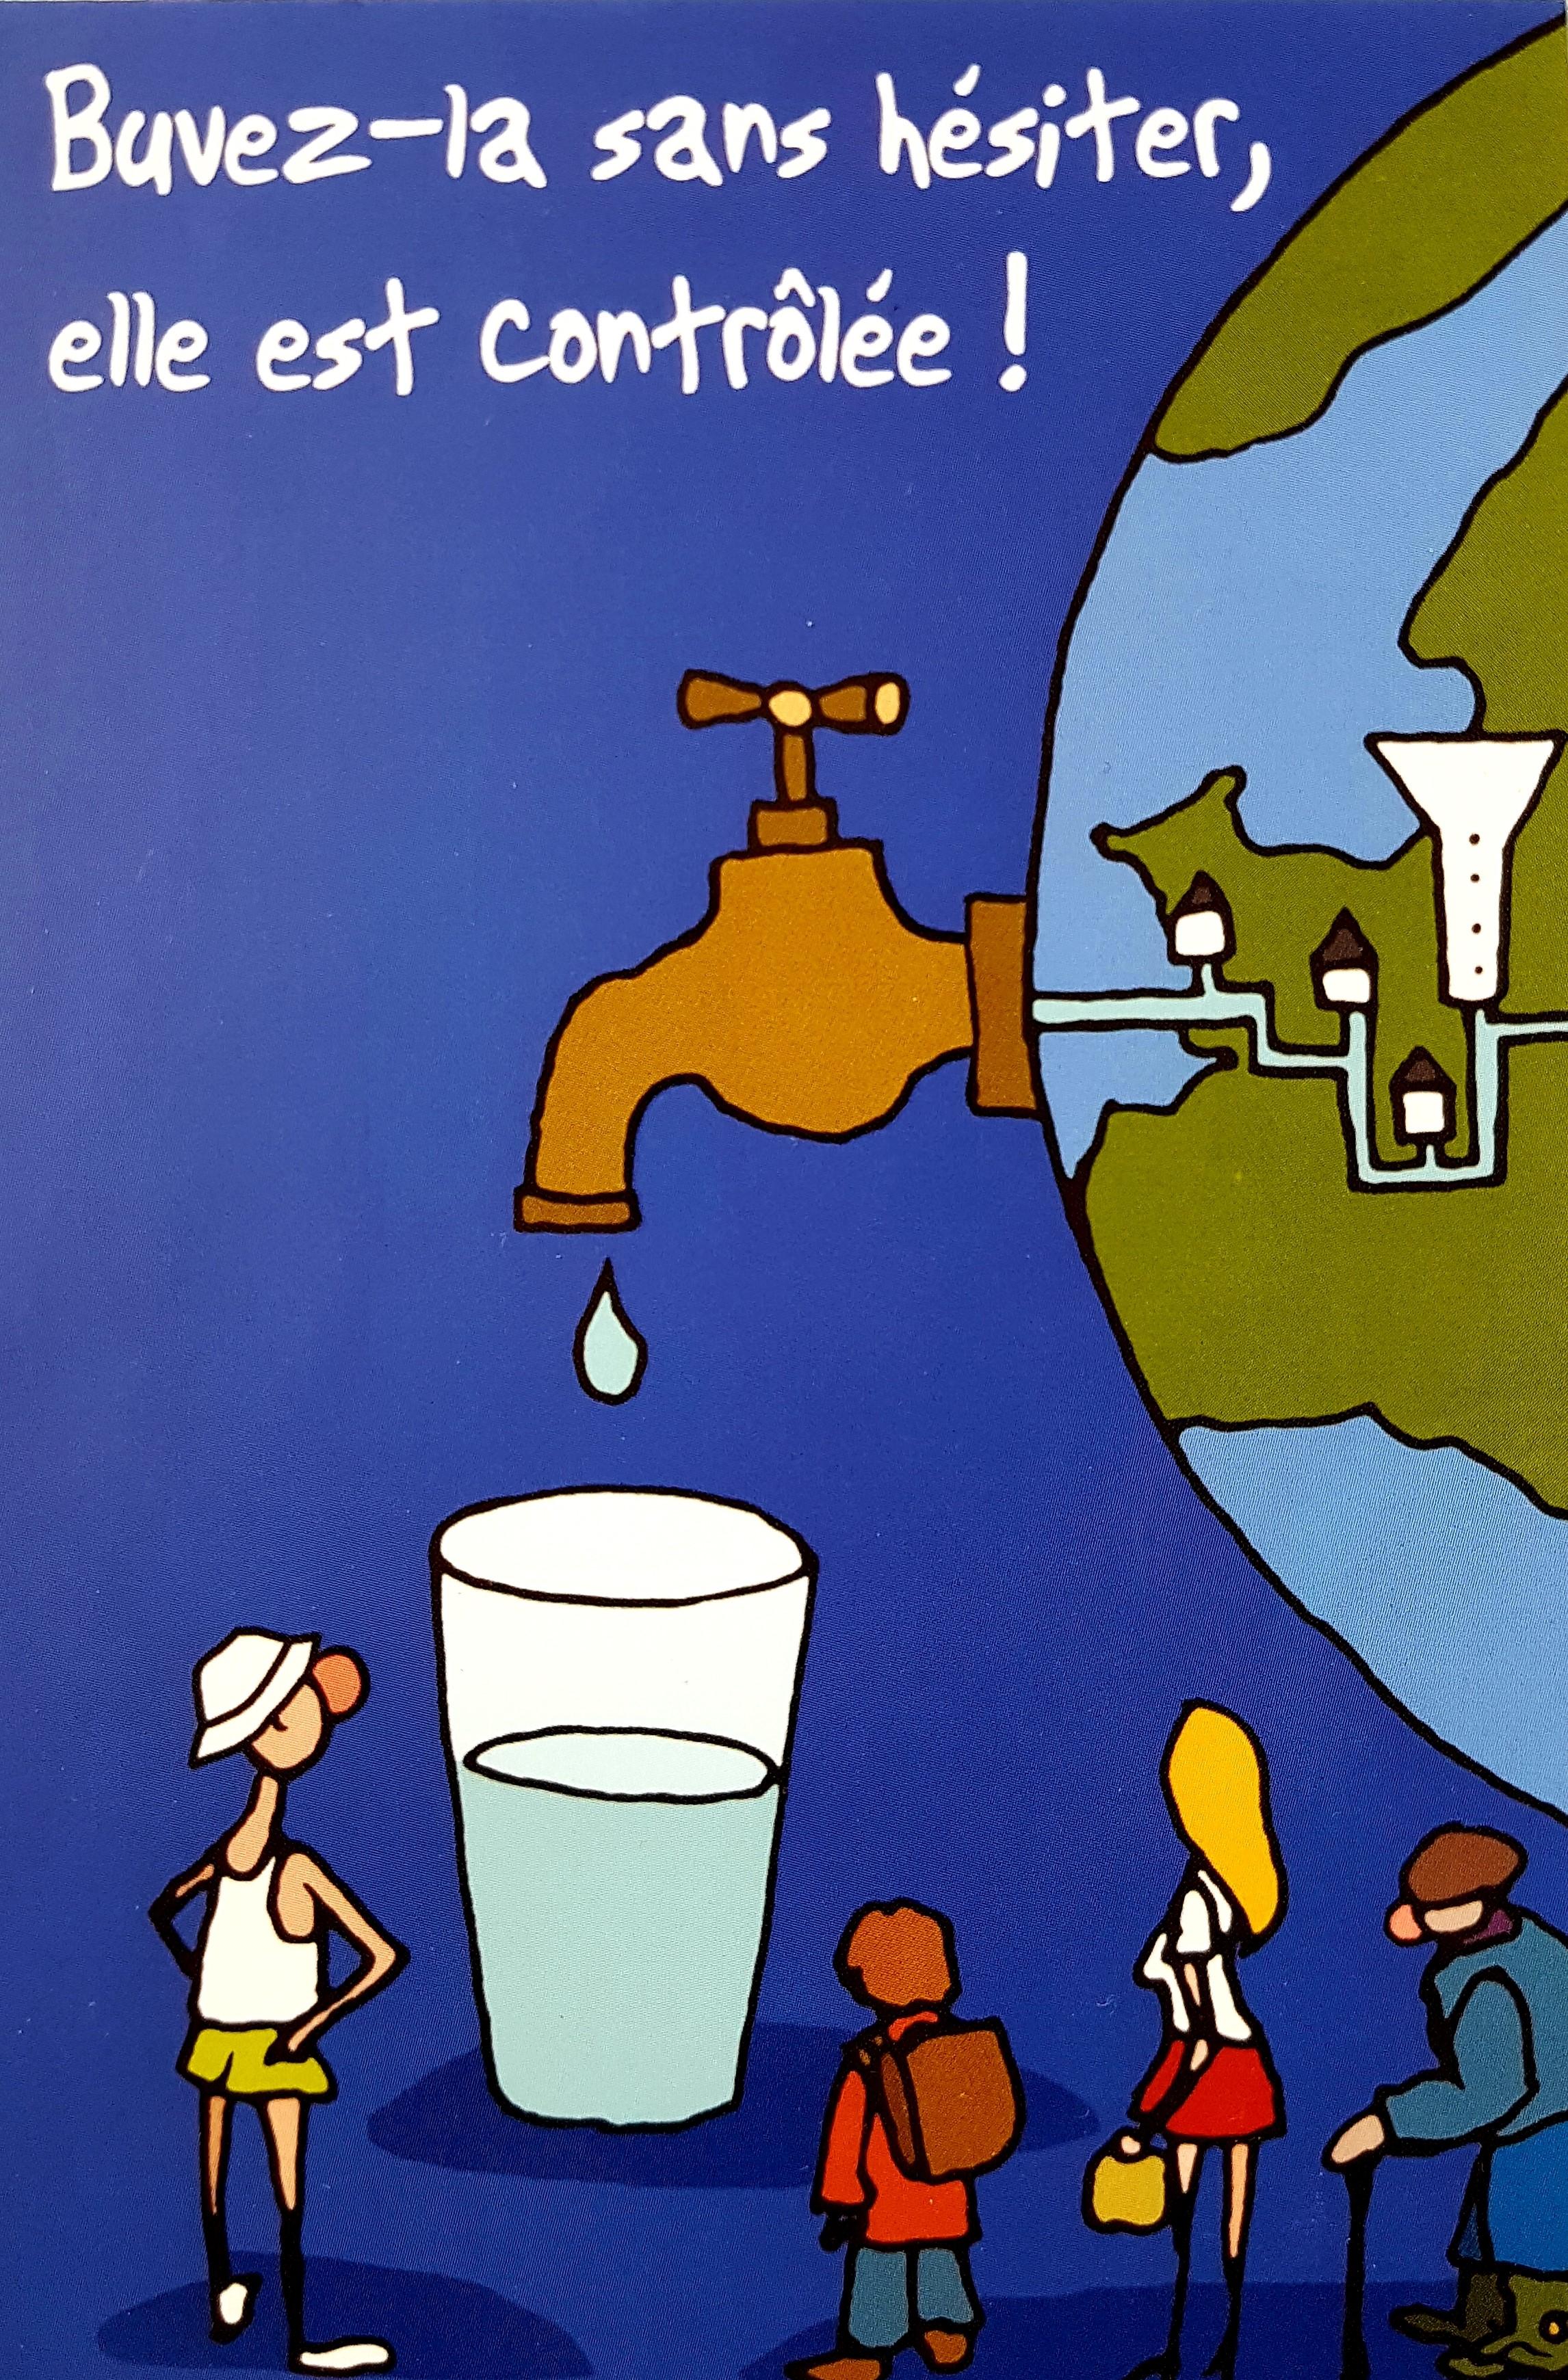 """Une carte postale sur laquelle la planete terre distribue de l'eau via un robinet et c'est inscrit """"buvez-la sans hésiter, elle est contrôlée"""""""